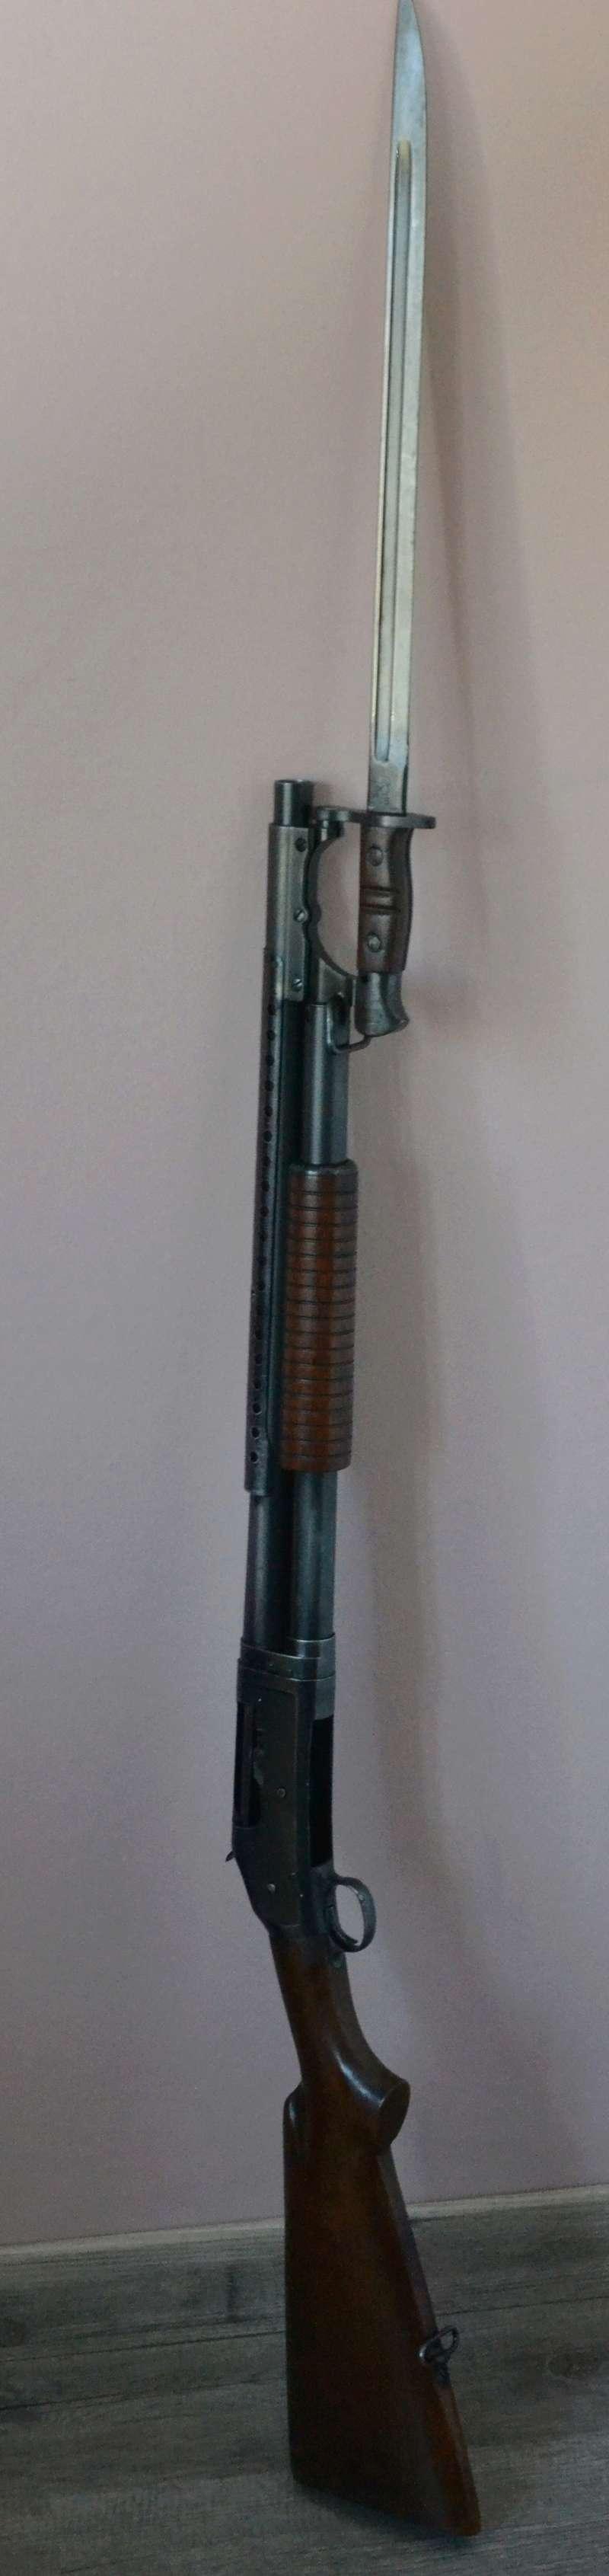 mon trench gun 1897 Dsc_0010